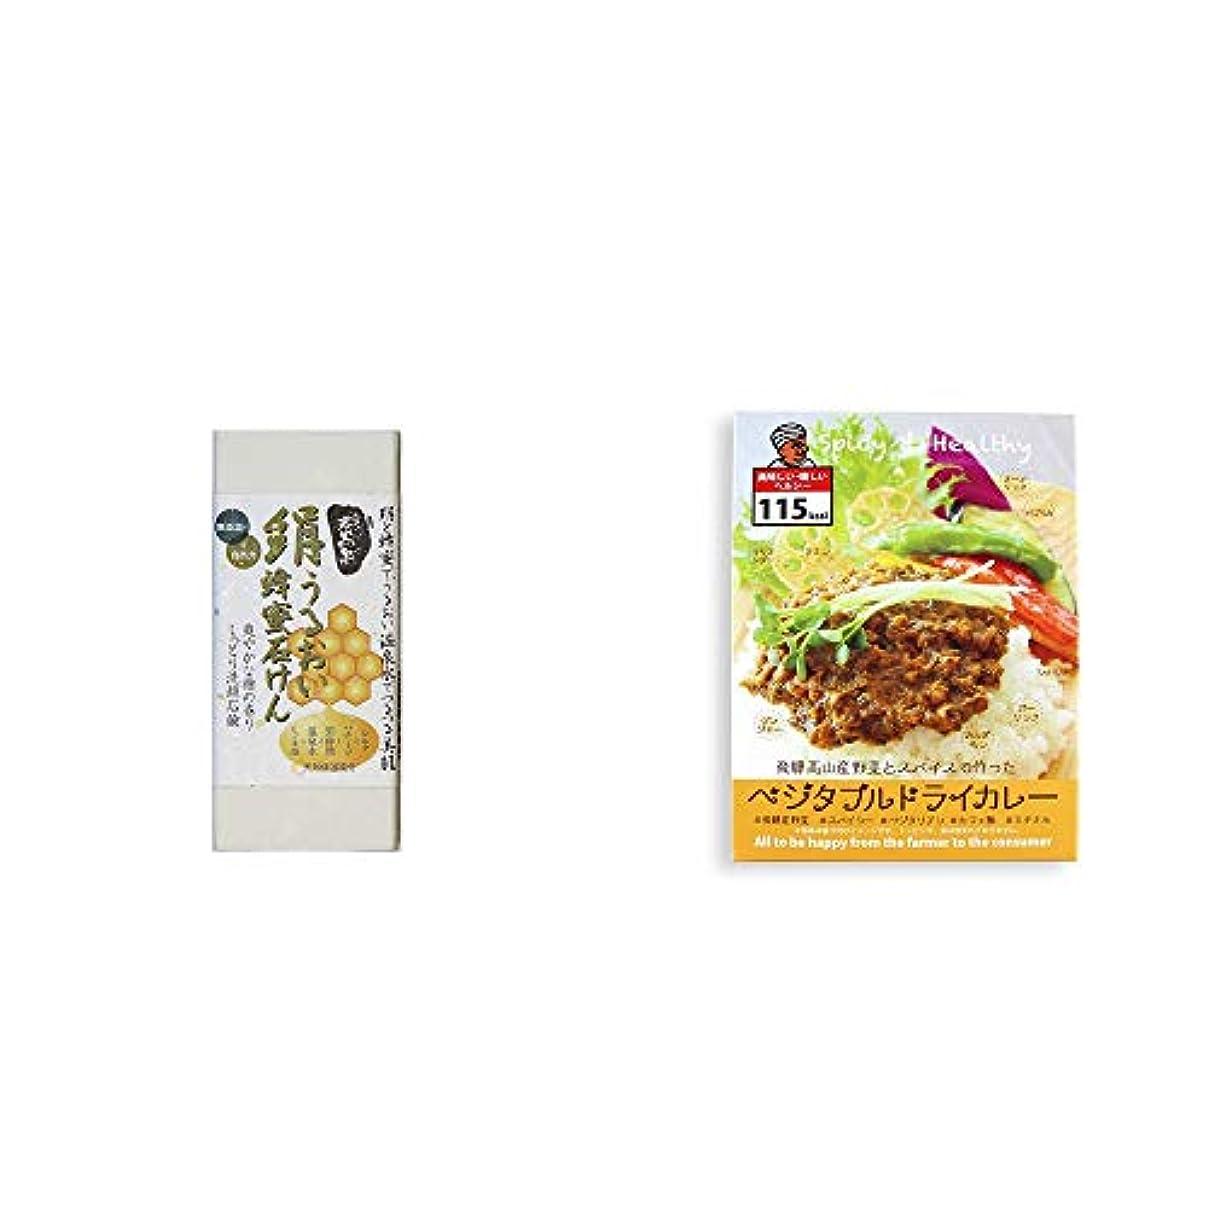 シリンダー伝染性の悪の[2点セット] ひのき炭黒泉 絹うるおい蜂蜜石けん(75g×2)?飛騨産野菜とスパイスで作ったベジタブルドライカレー(100g)